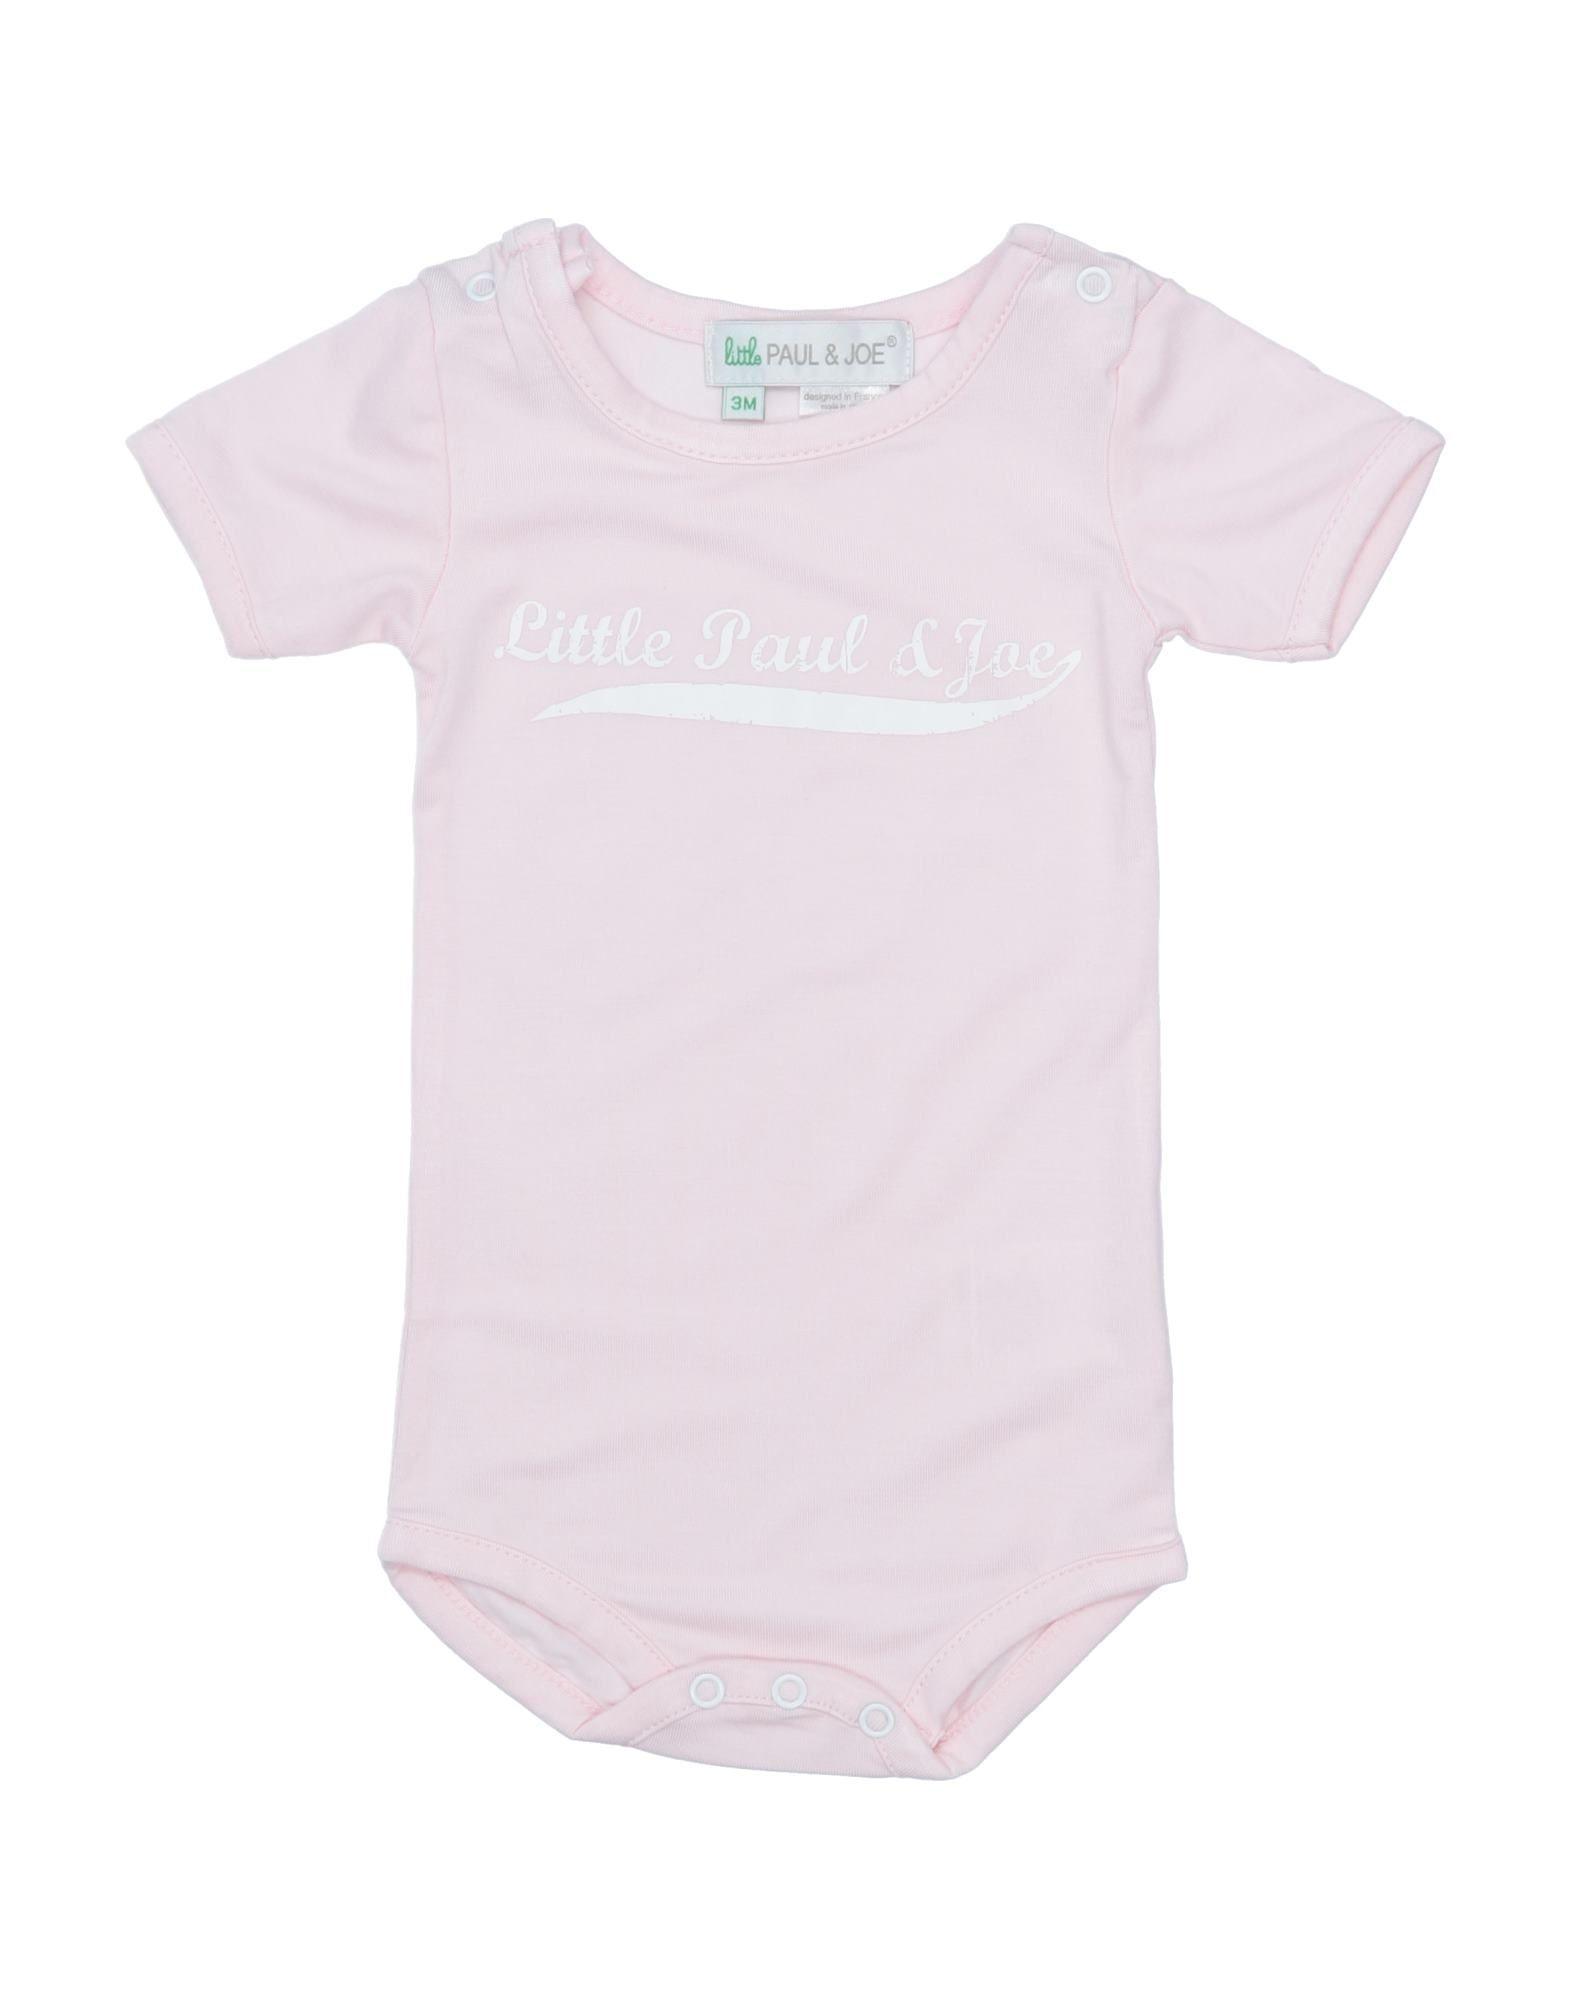 Little Paul & Joe Babies' Bodysuits In Pink